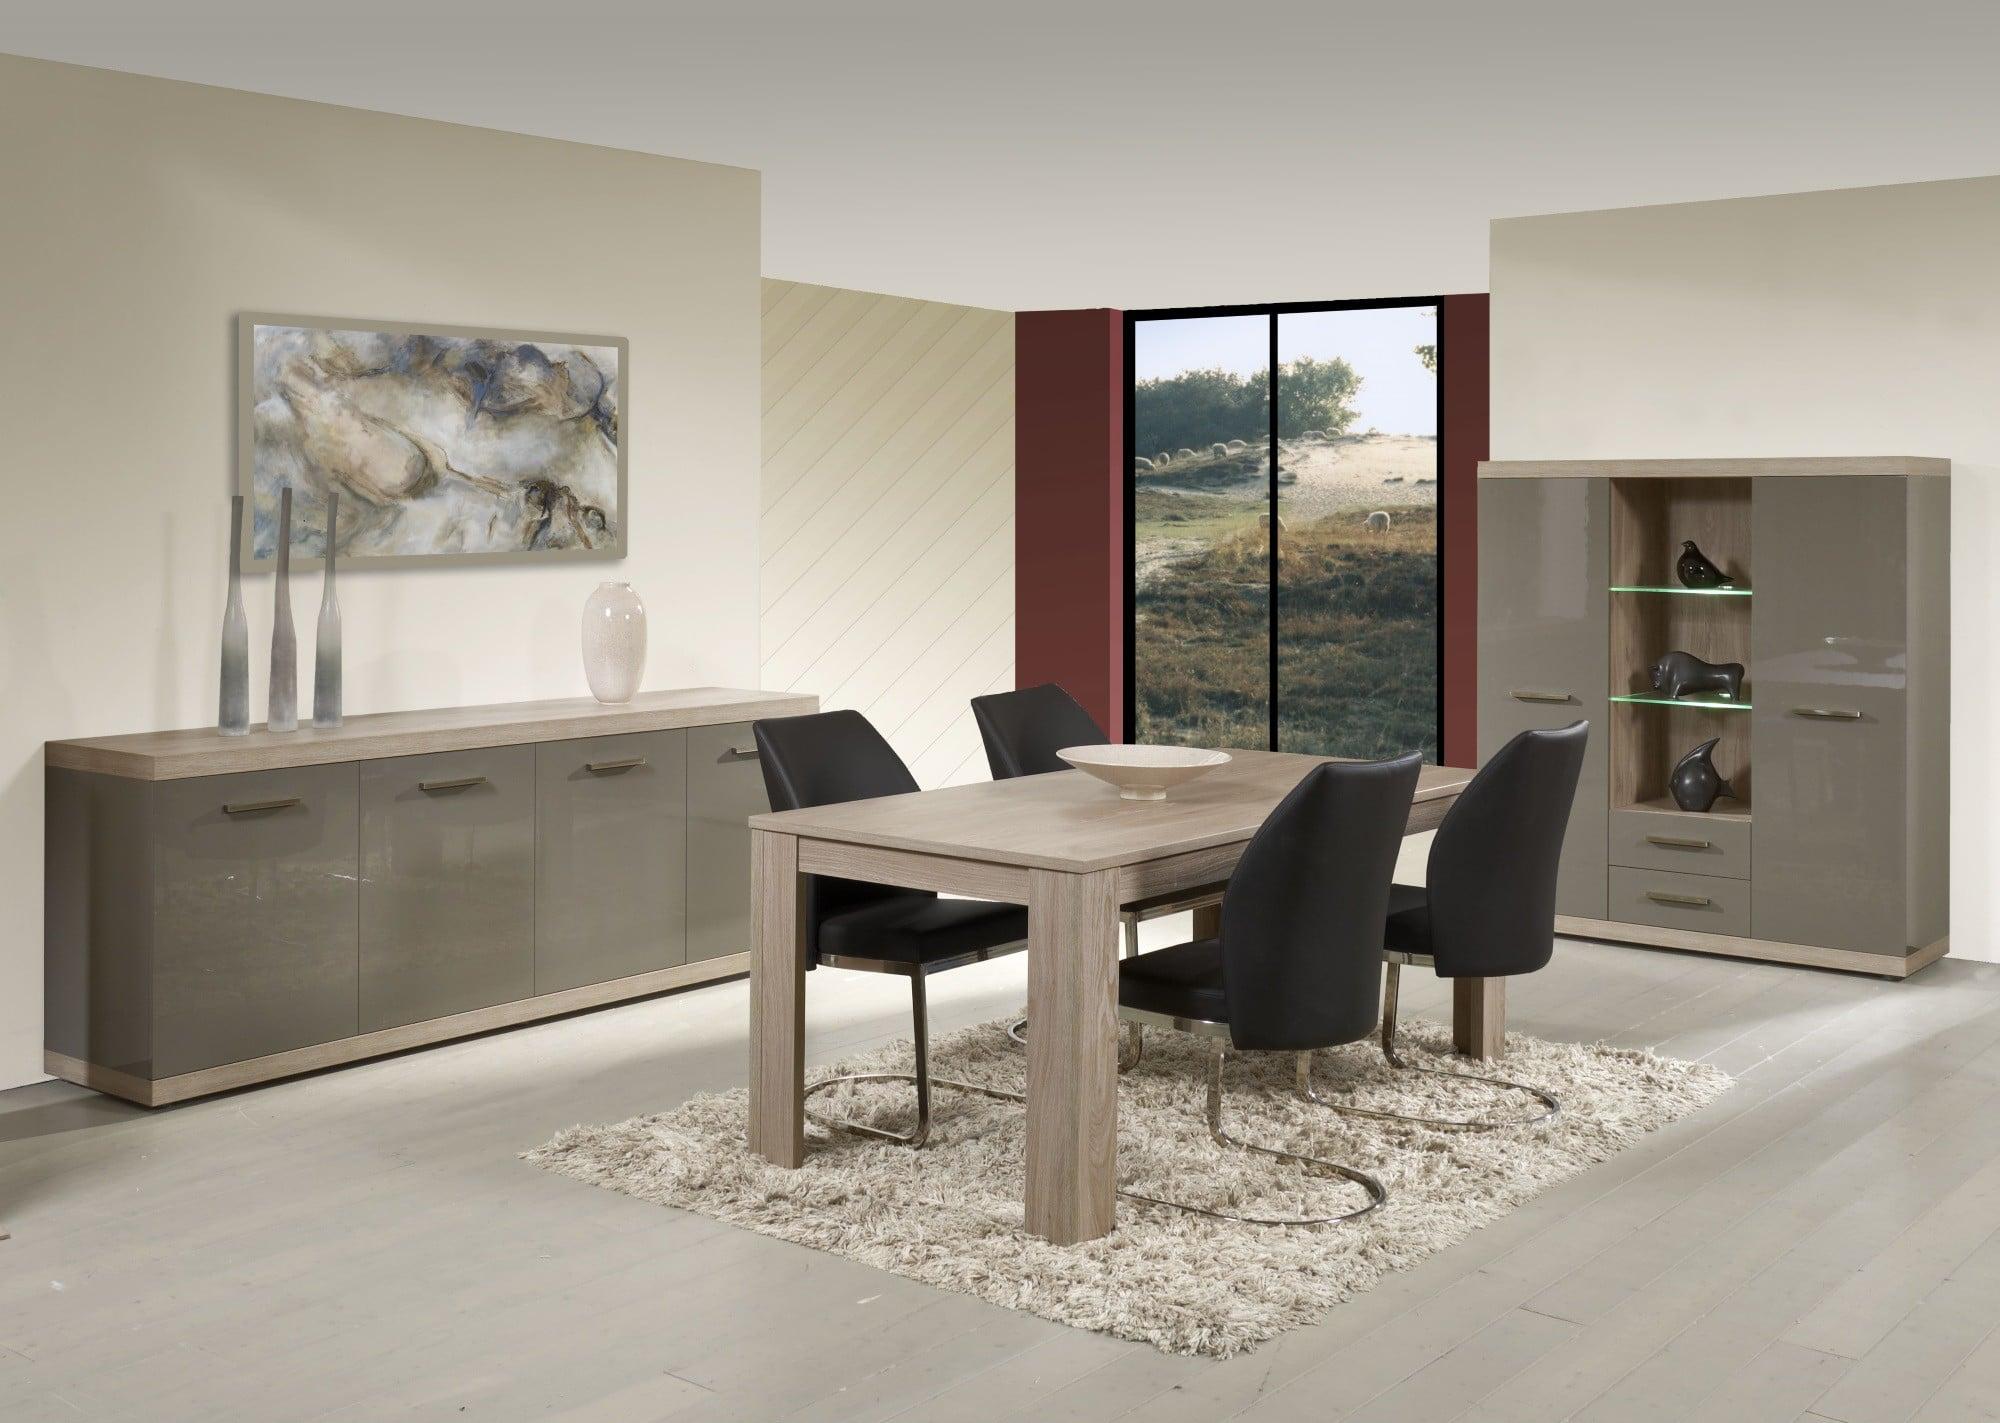 Salle à manger complète contemporaine memphis oak/gris laqué Andrea